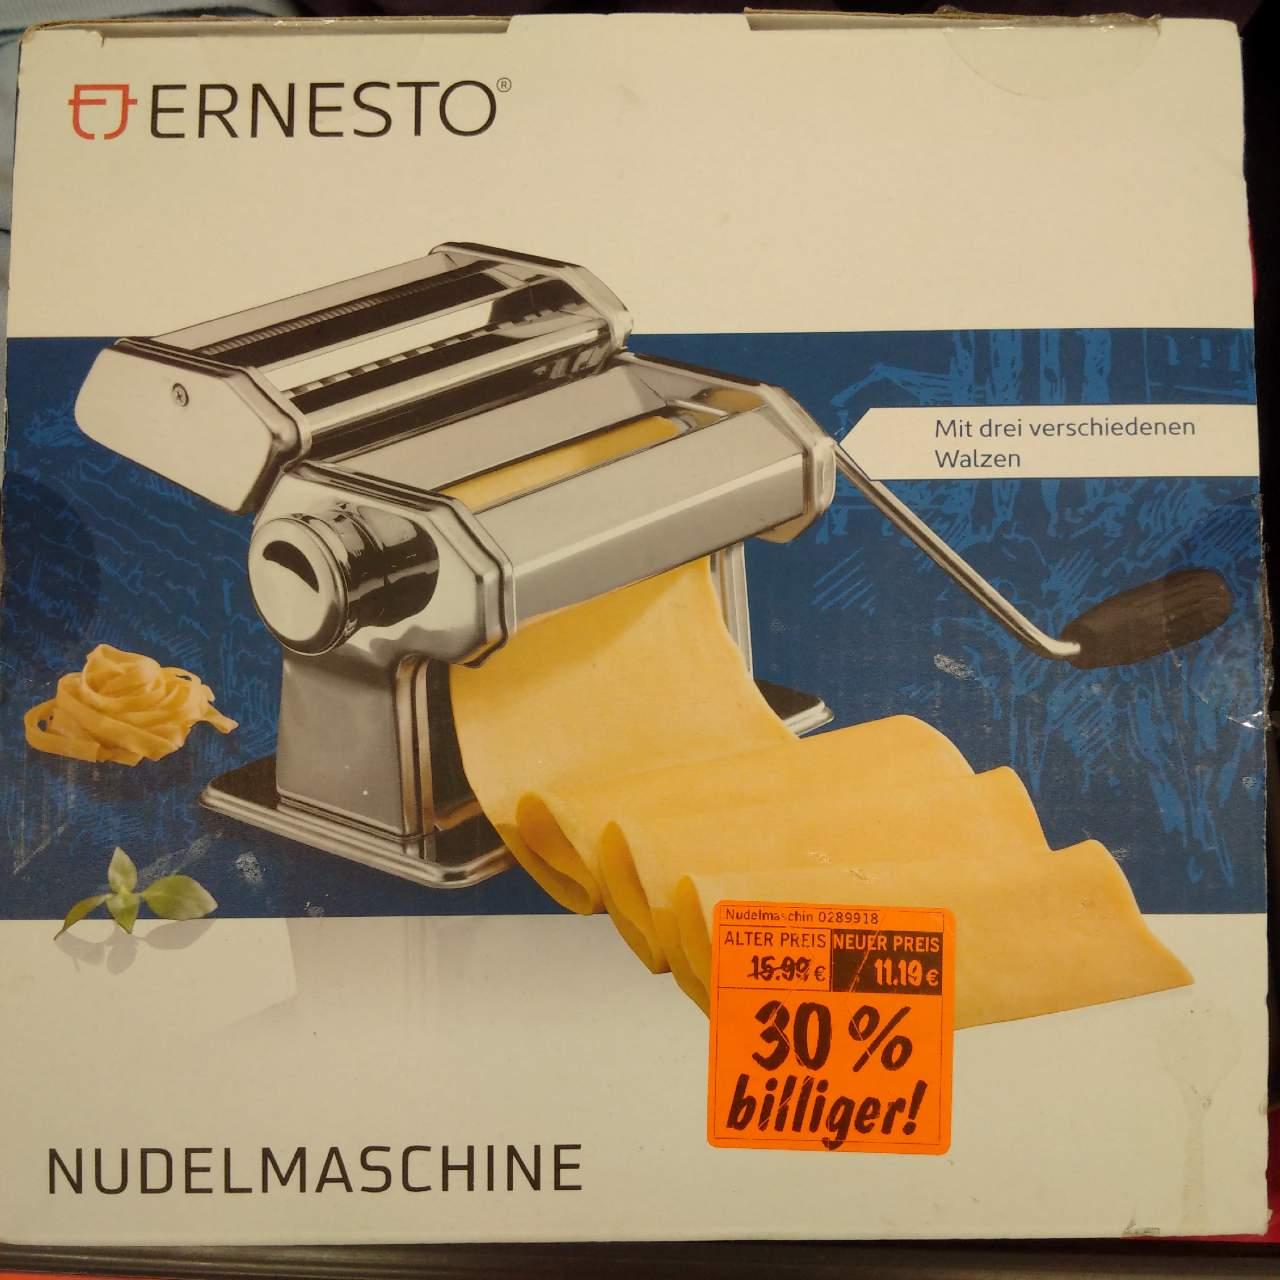 ERNESTO Nudelmaschine mit 3 verschiedenen Walzen